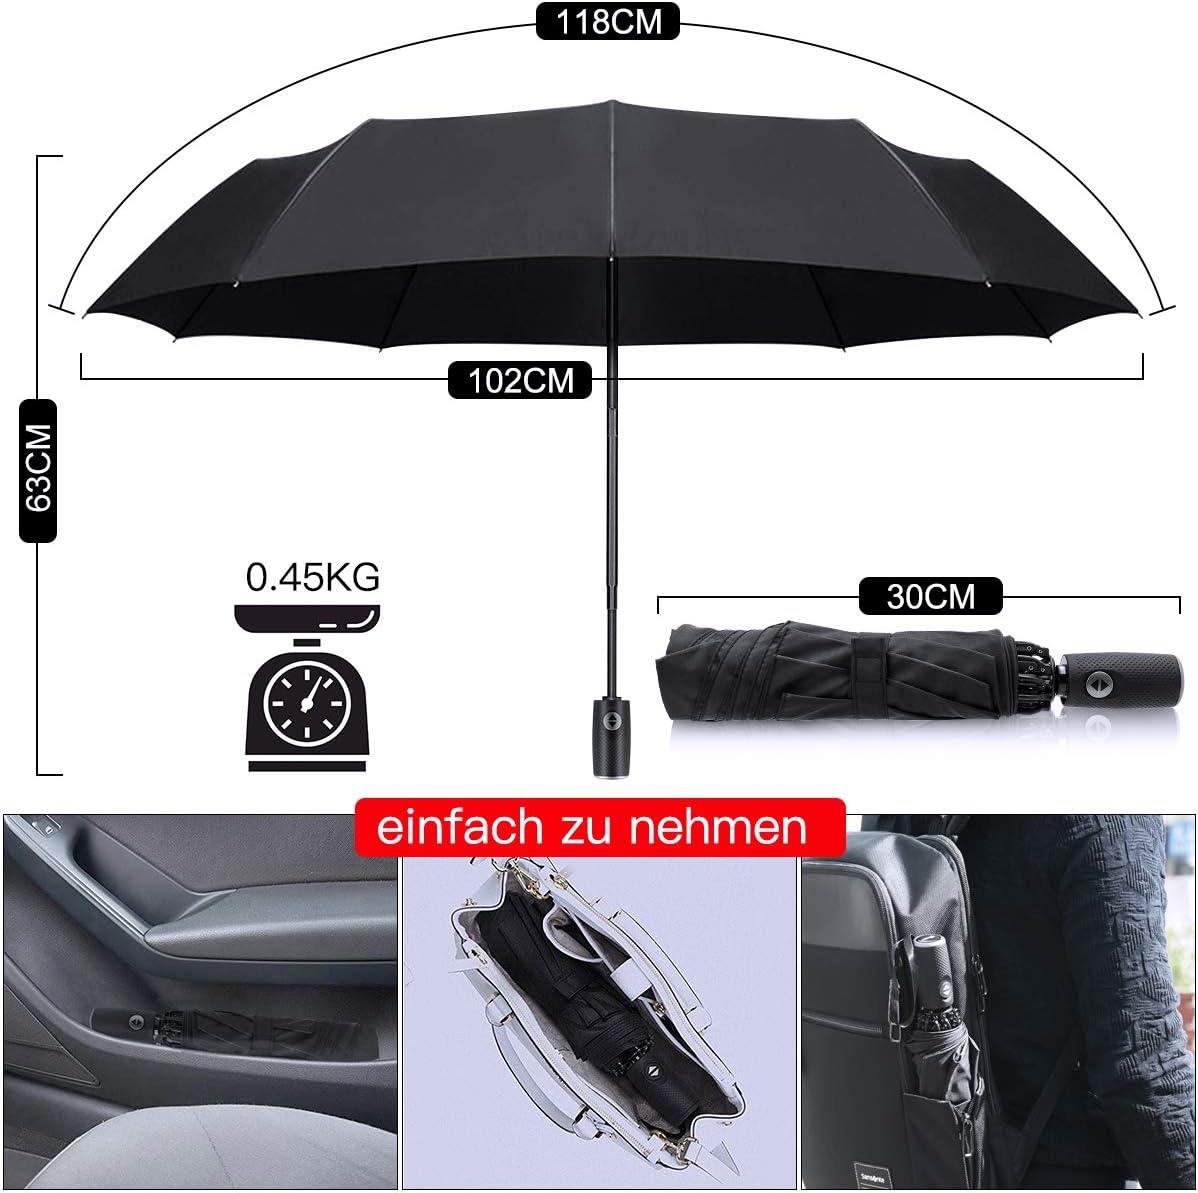 Borsa portaombrello e custodia da viaggio rivestimento in teflon apertura//chiusura automatica Ombrello tascabile ombrello ombrello rovesciato incl antivento antipioggia fino a 140 km//h